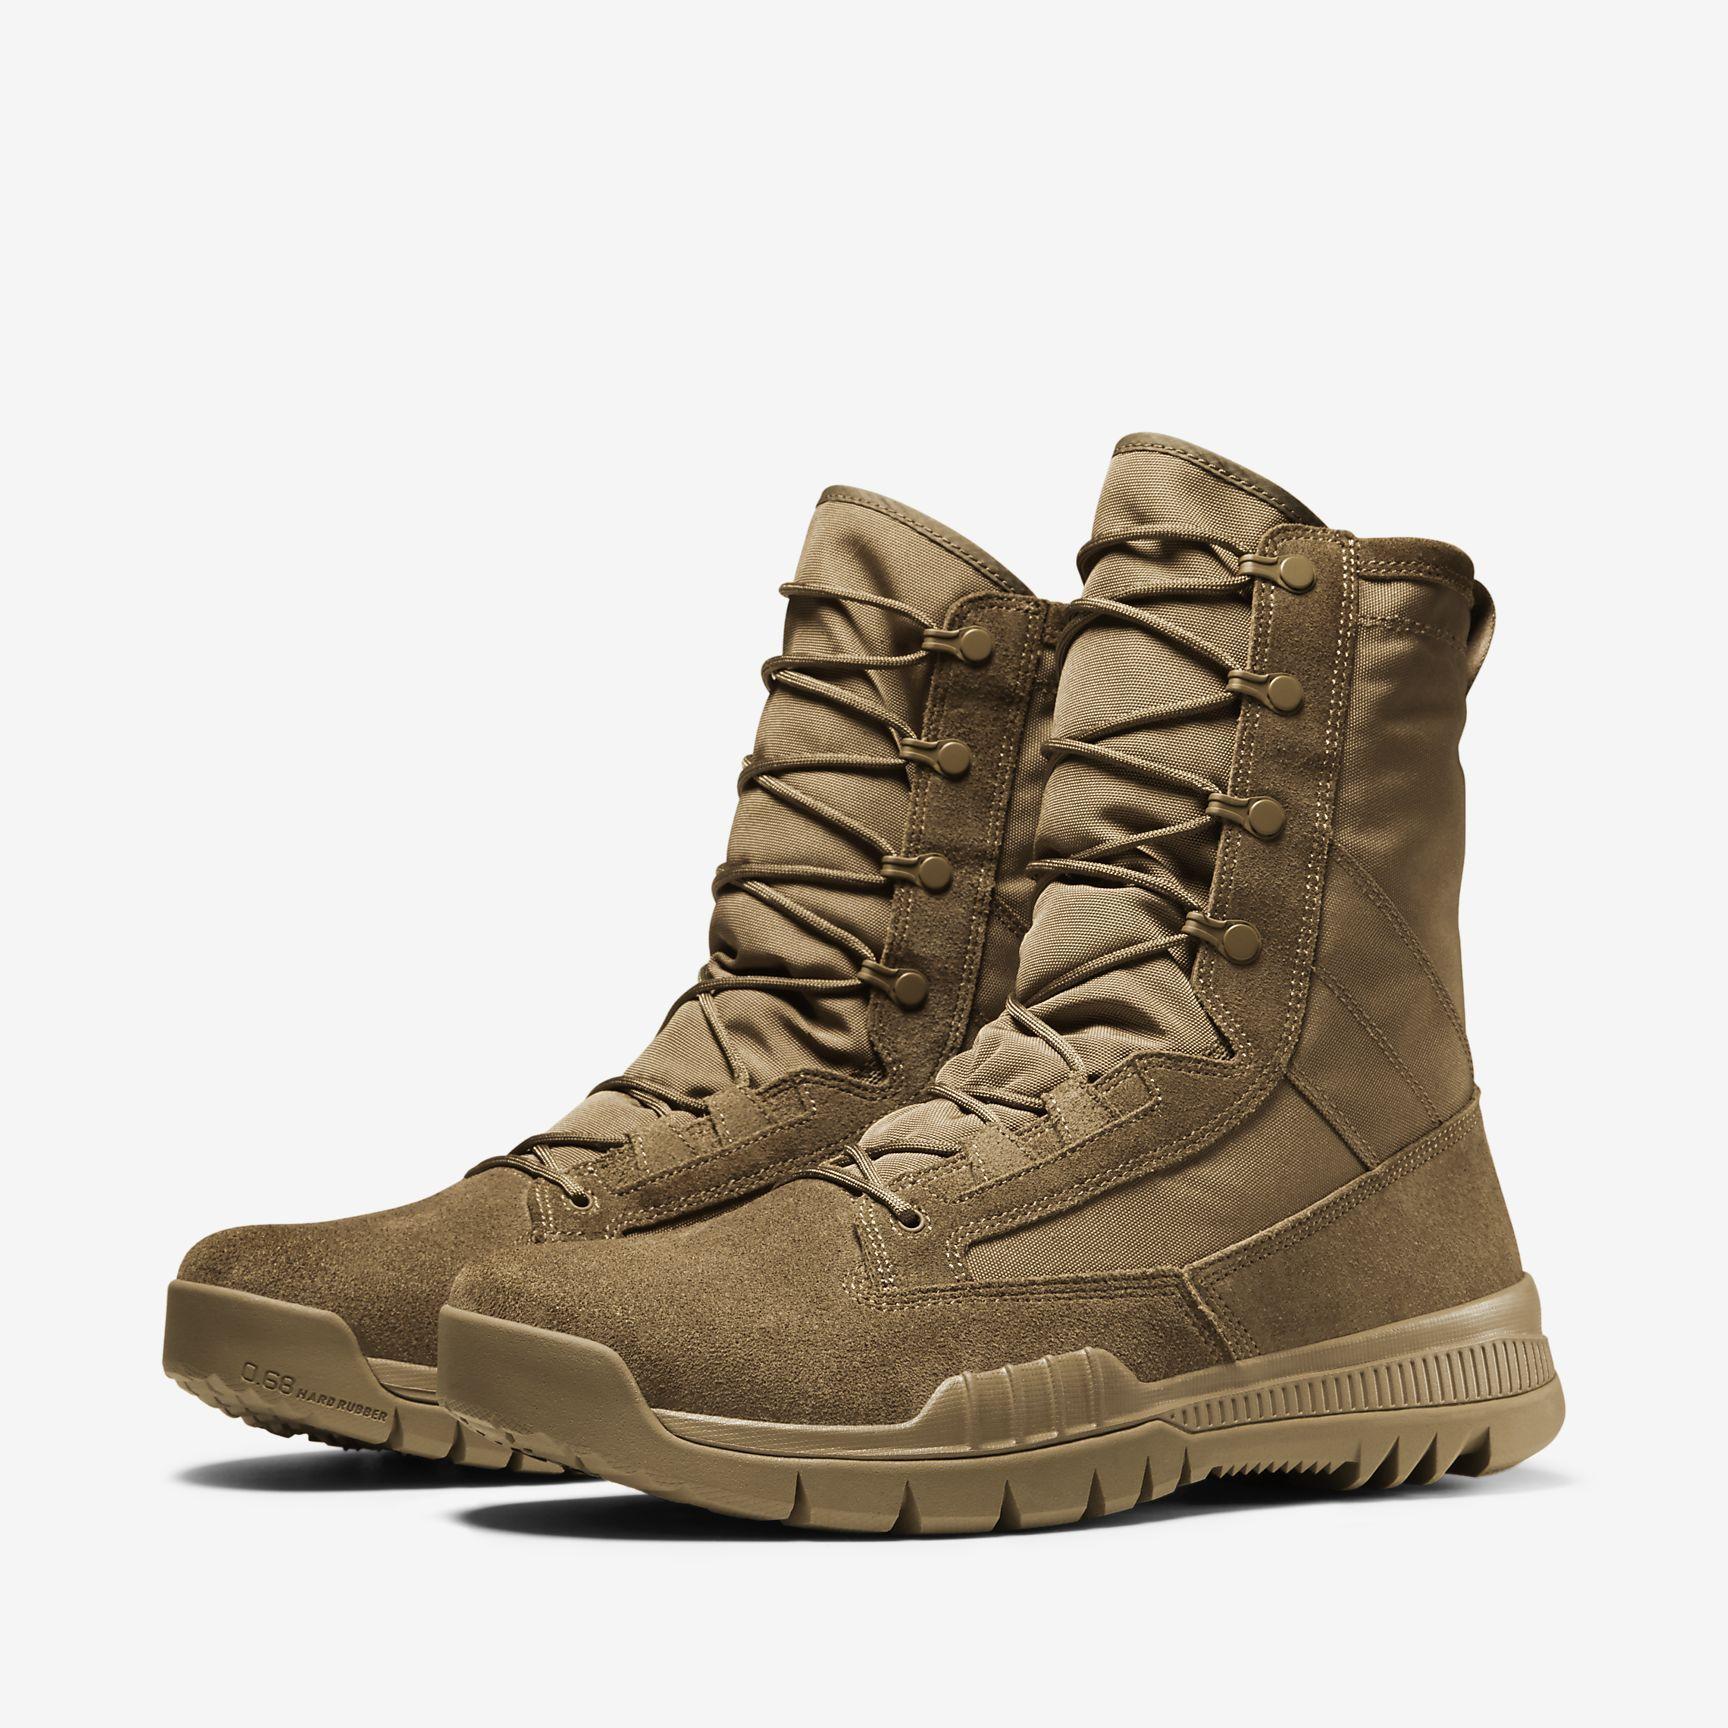 Sko Nike SFB Field Leather 20,5 cm för män